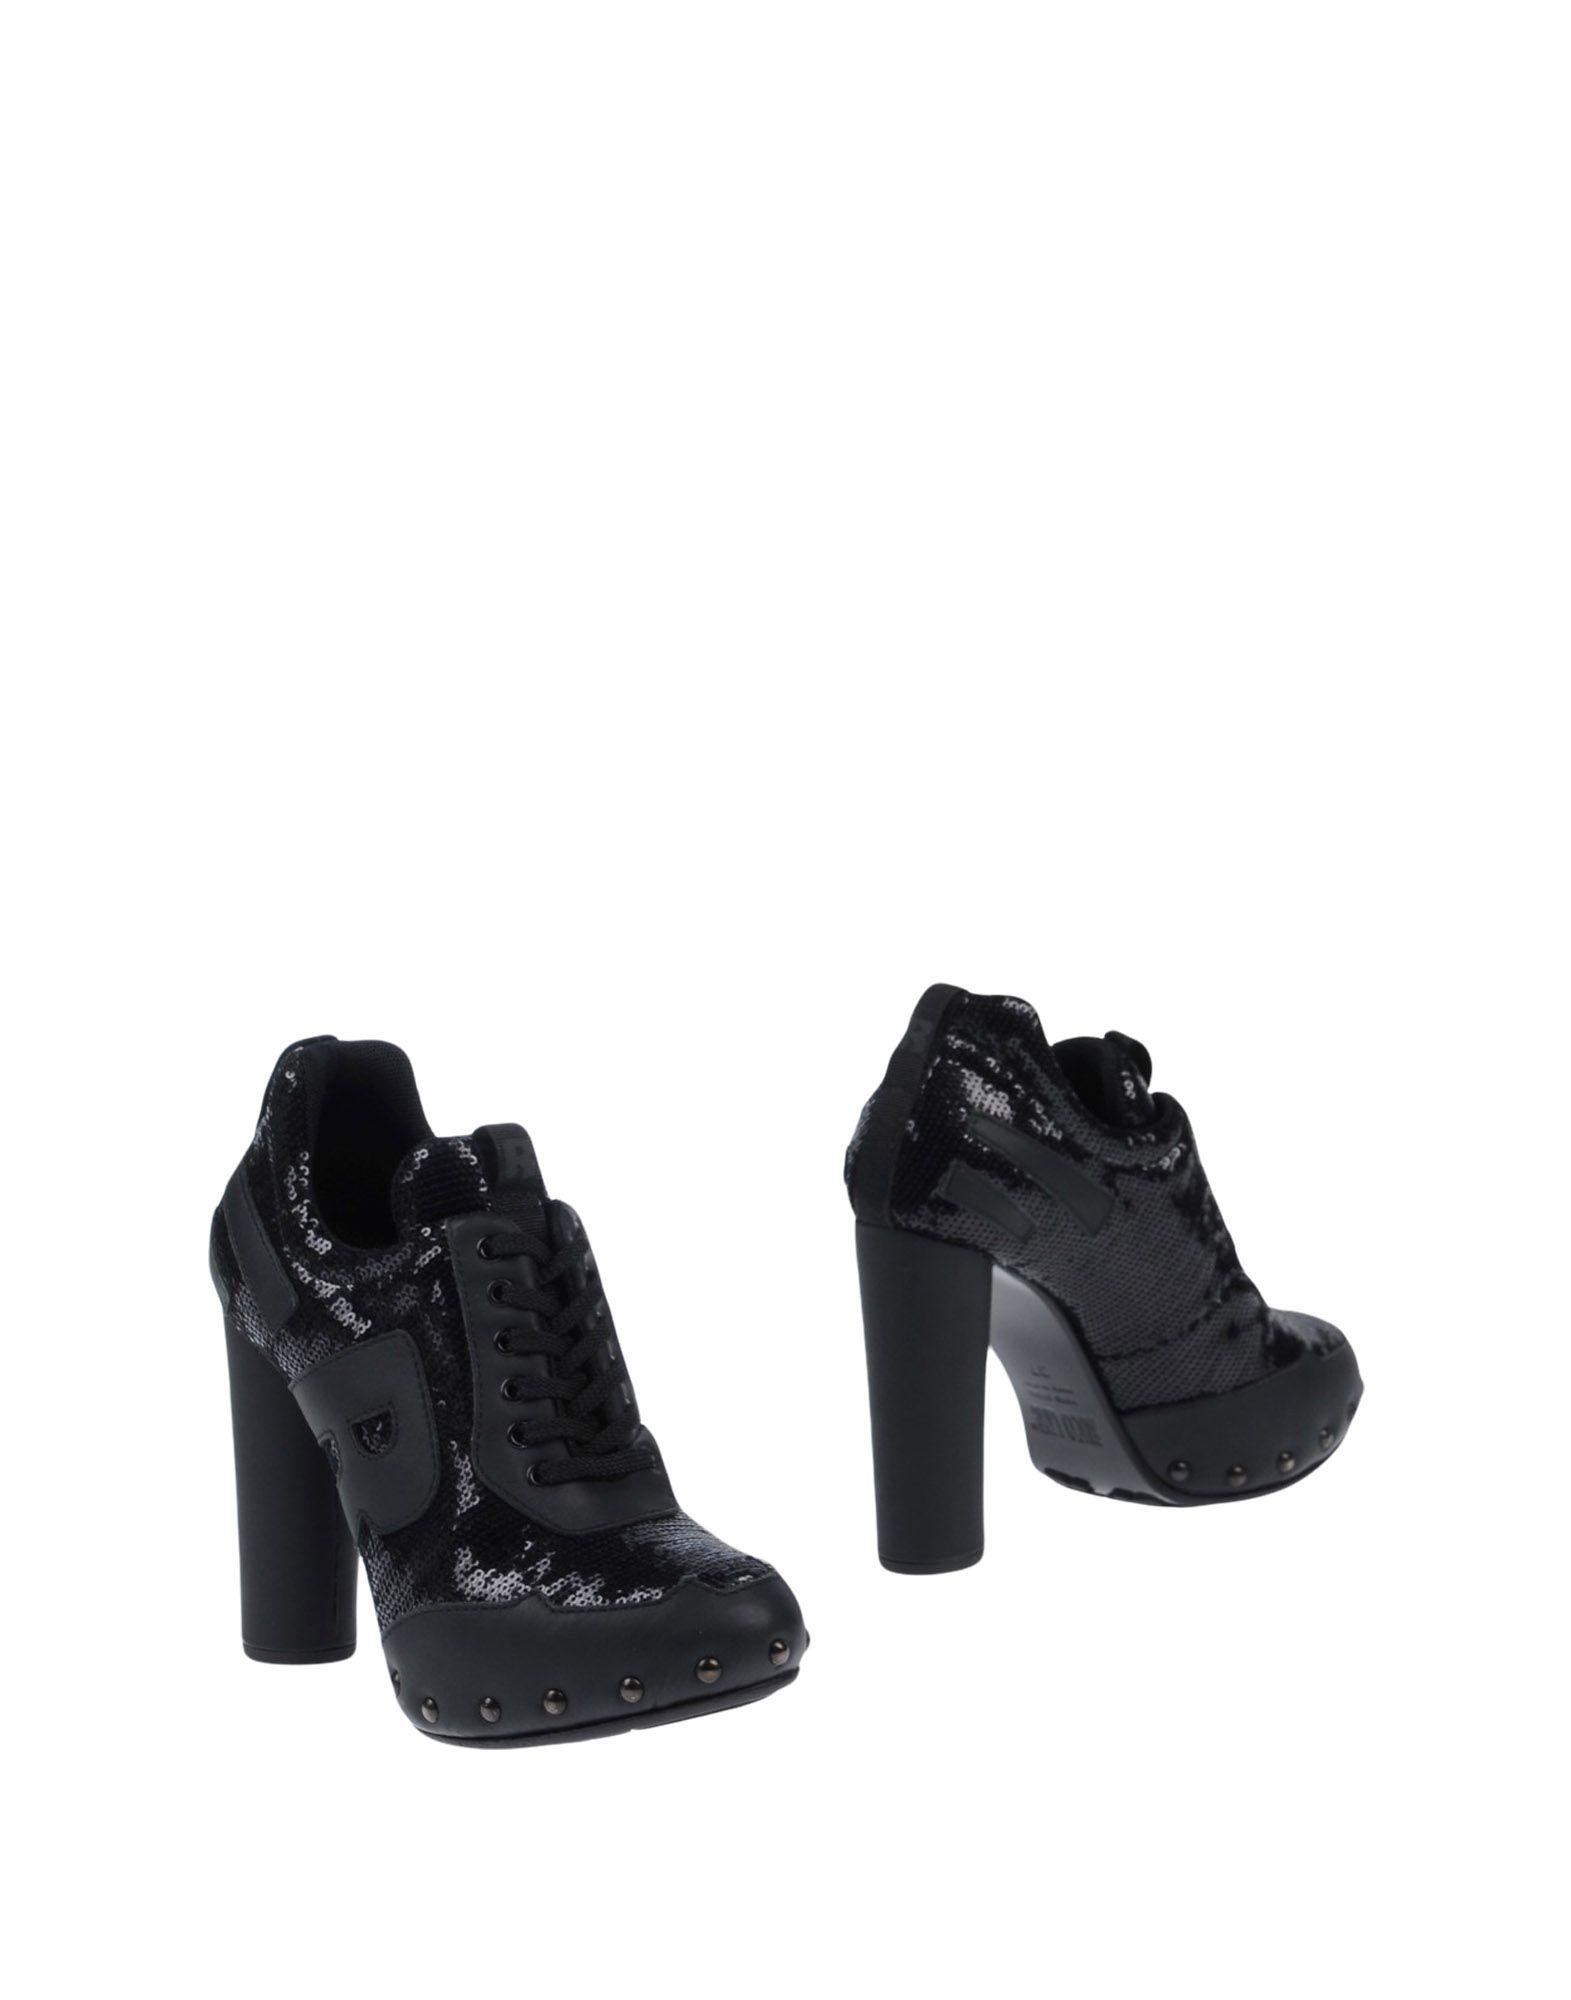 Ruco Line Stiefelette Damen  11507073UE Gute Qualität beliebte beliebte beliebte Schuhe 272720